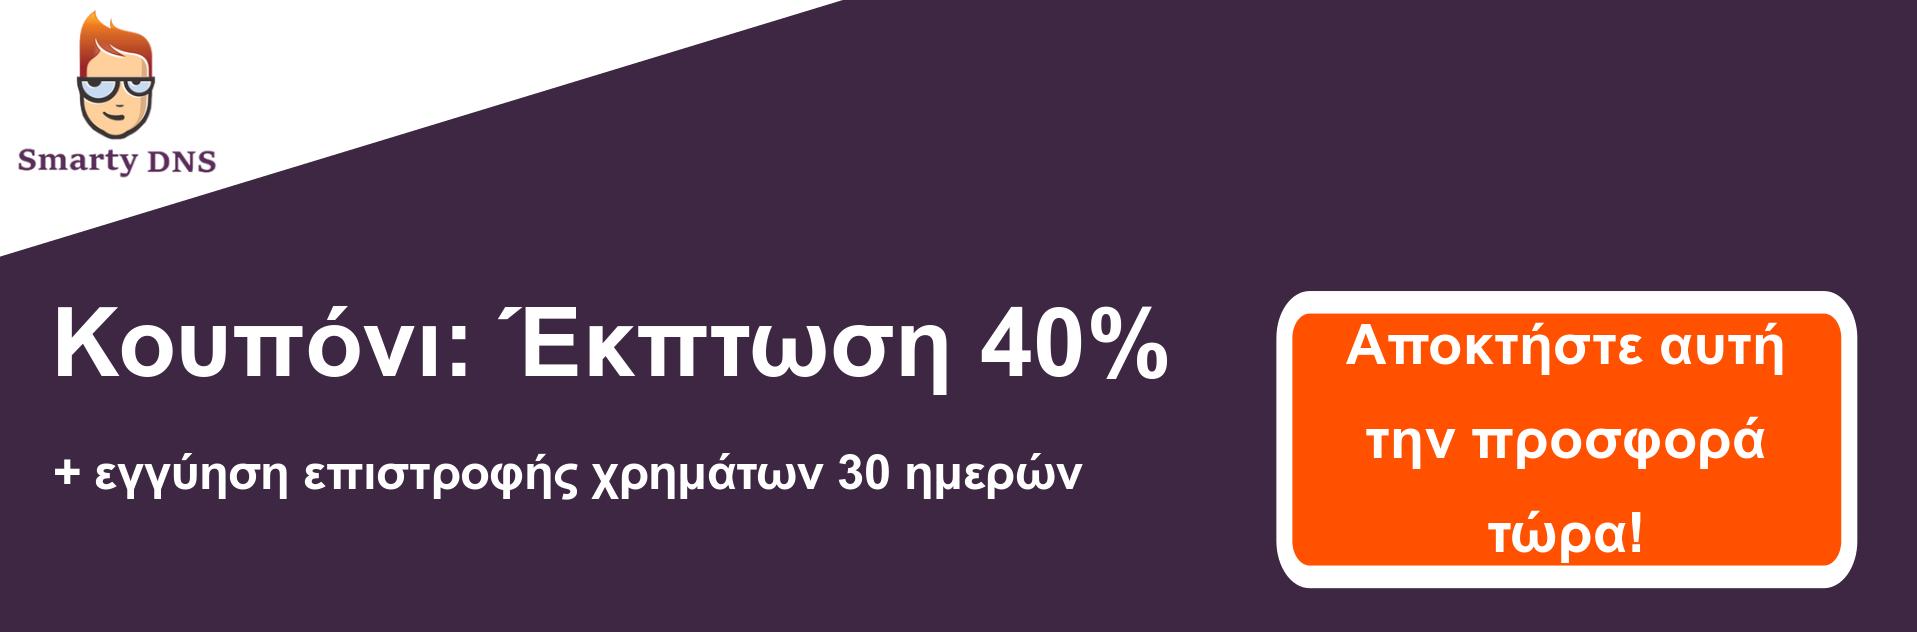 Έμβλημα κουπονιού SmartyDNS - έκπτωση 40%